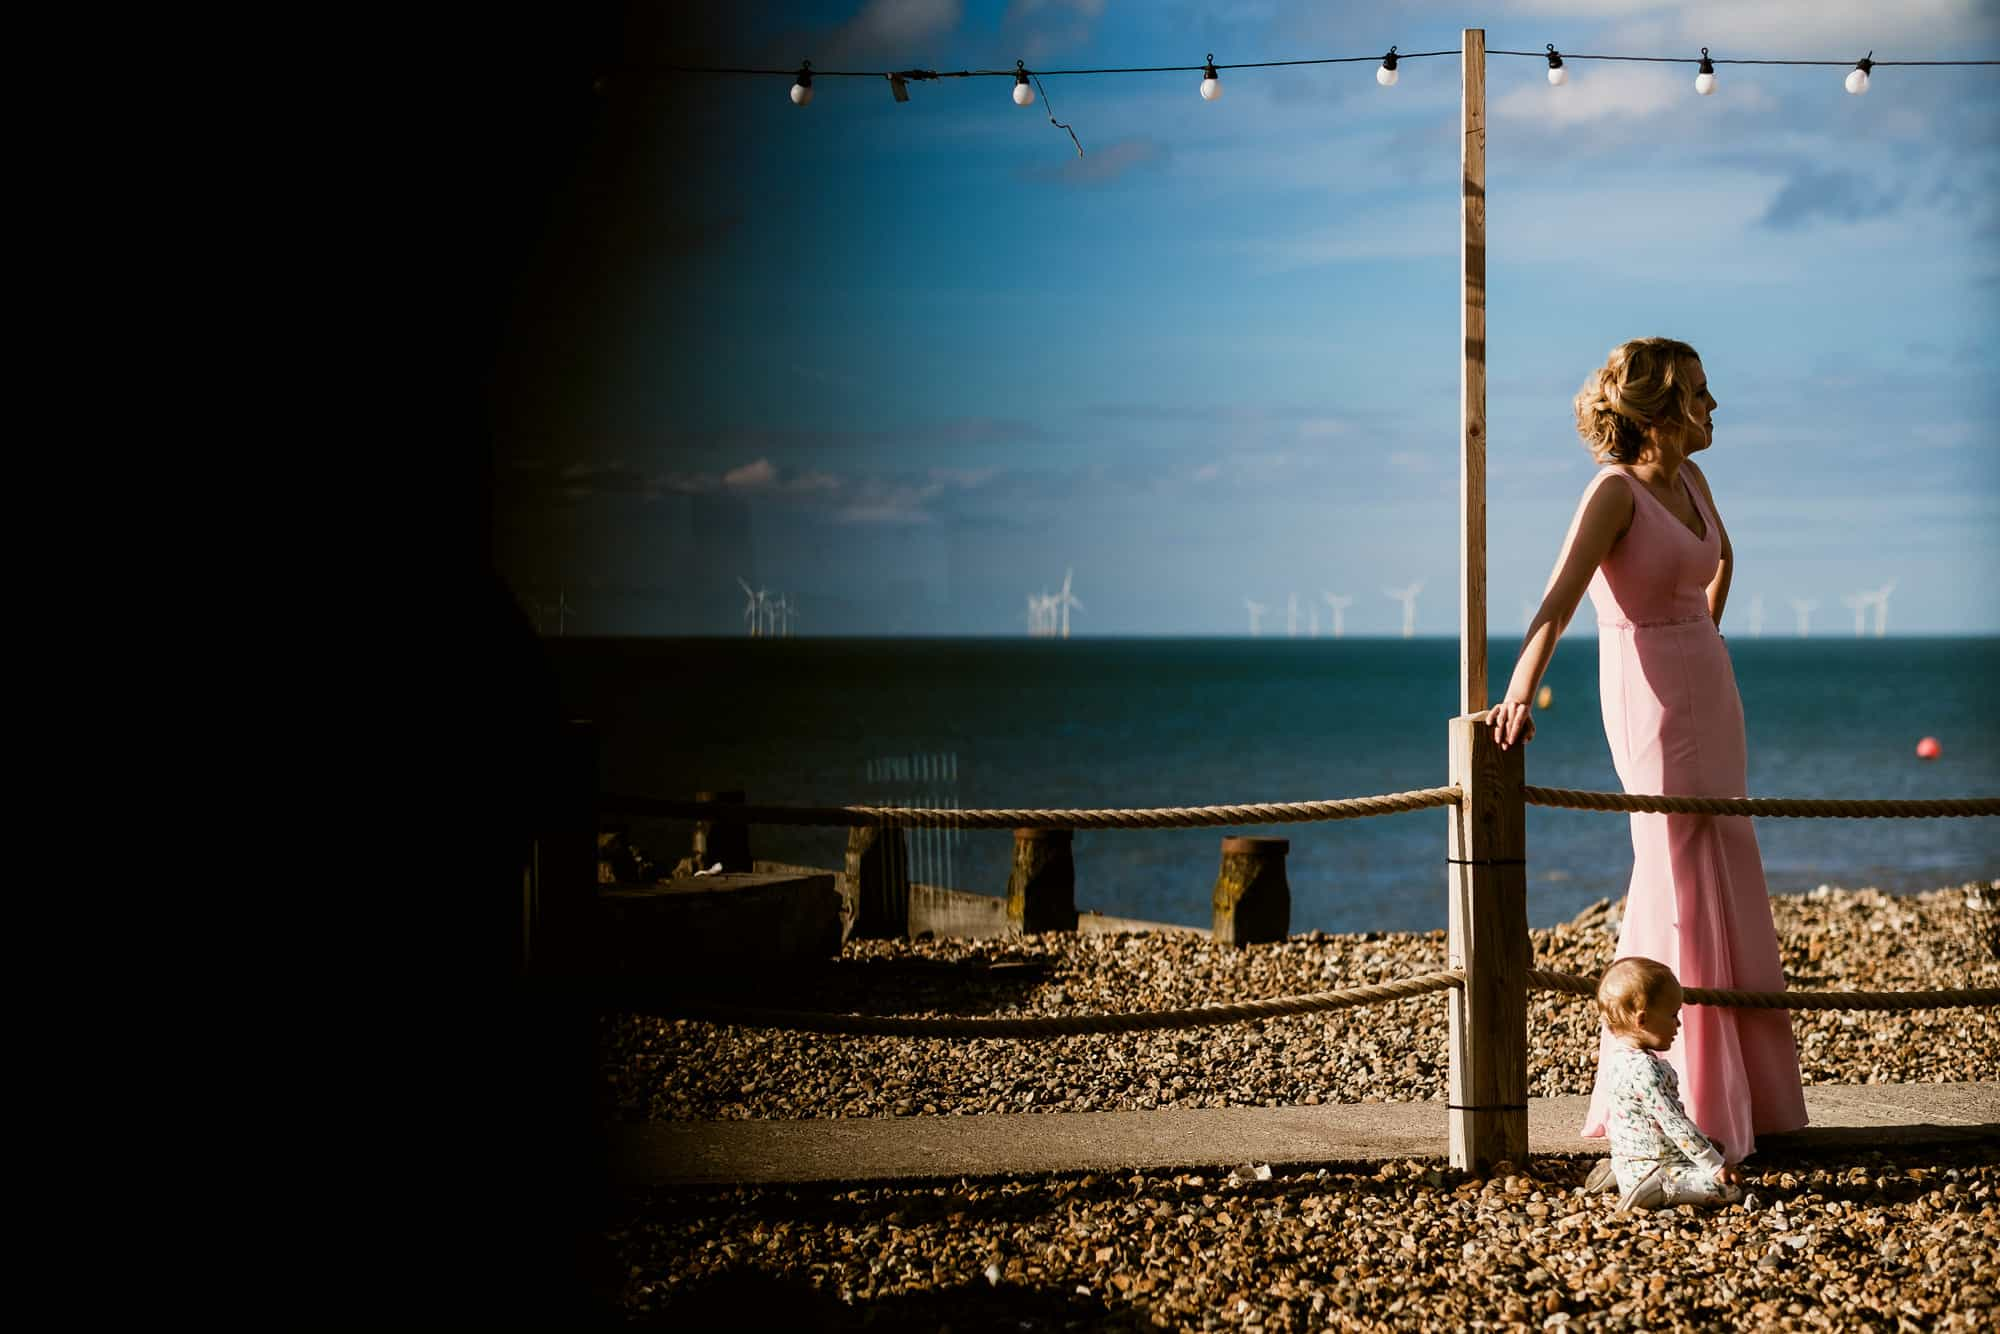 east-quay-wedding-photographer-matt-tyler-0061